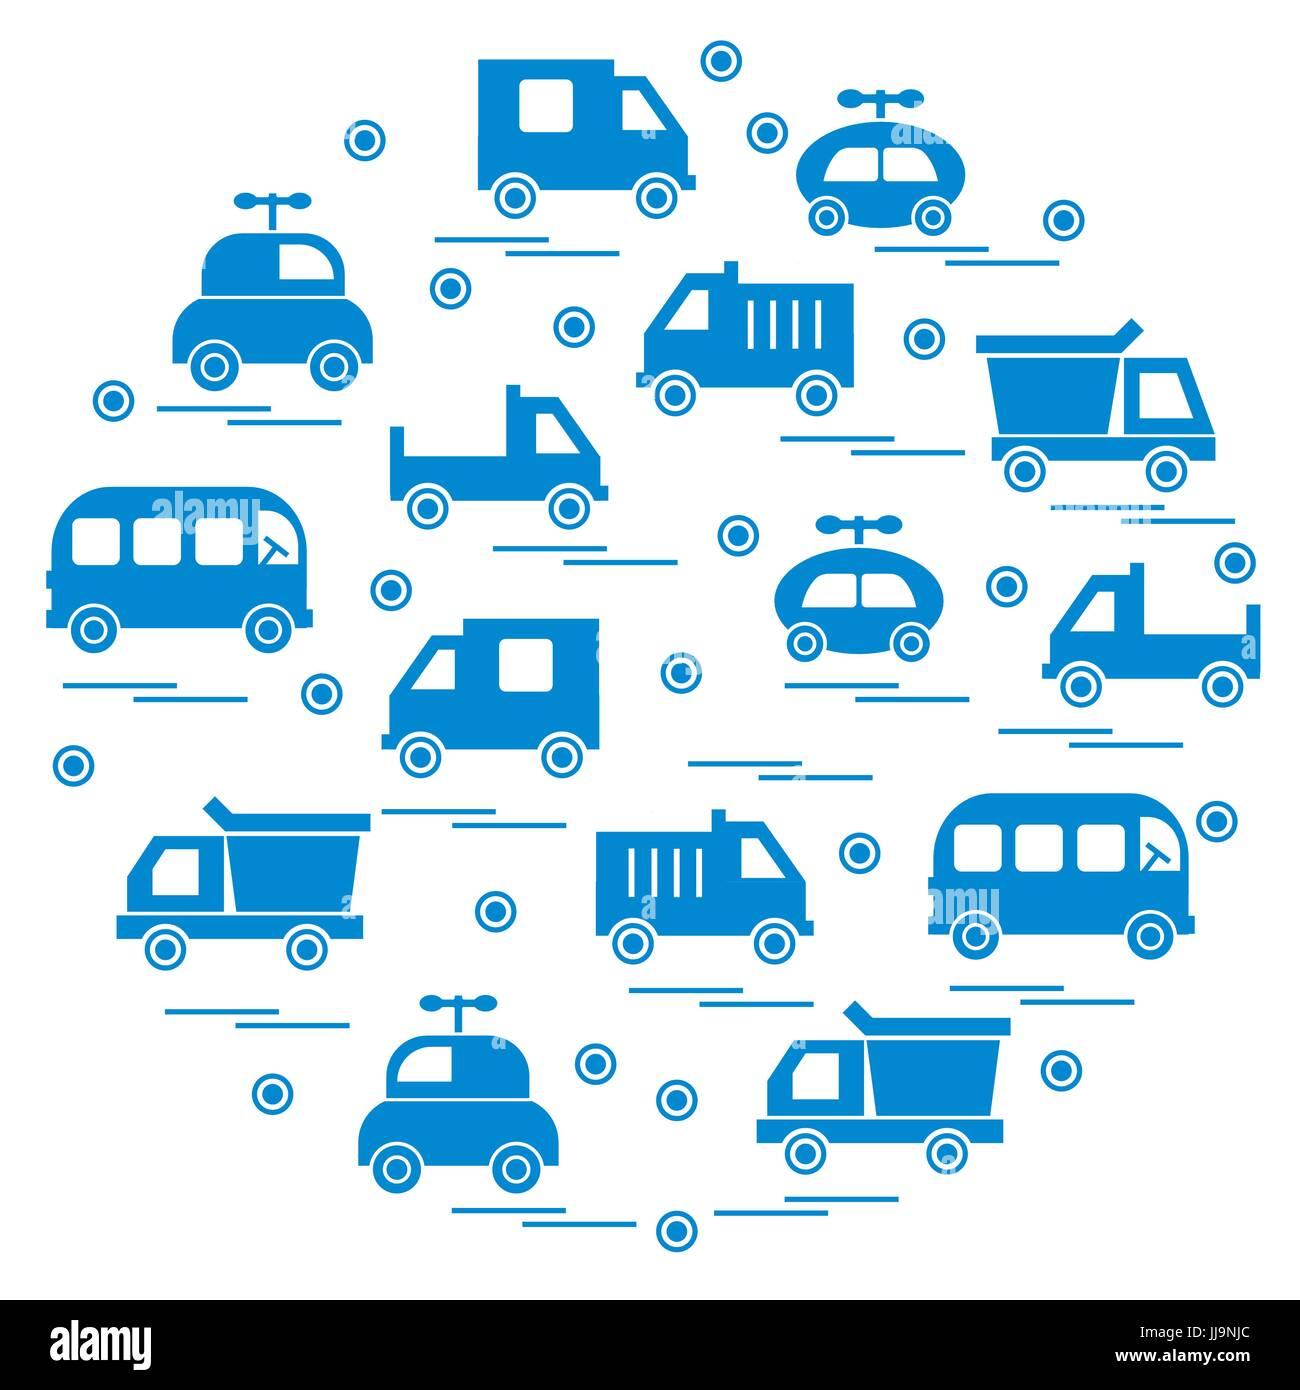 Niedliche Vektor-Illustration mit Baby Autos in einem Kreis angeordnet. Design für Poster oder Druck. Stockbild